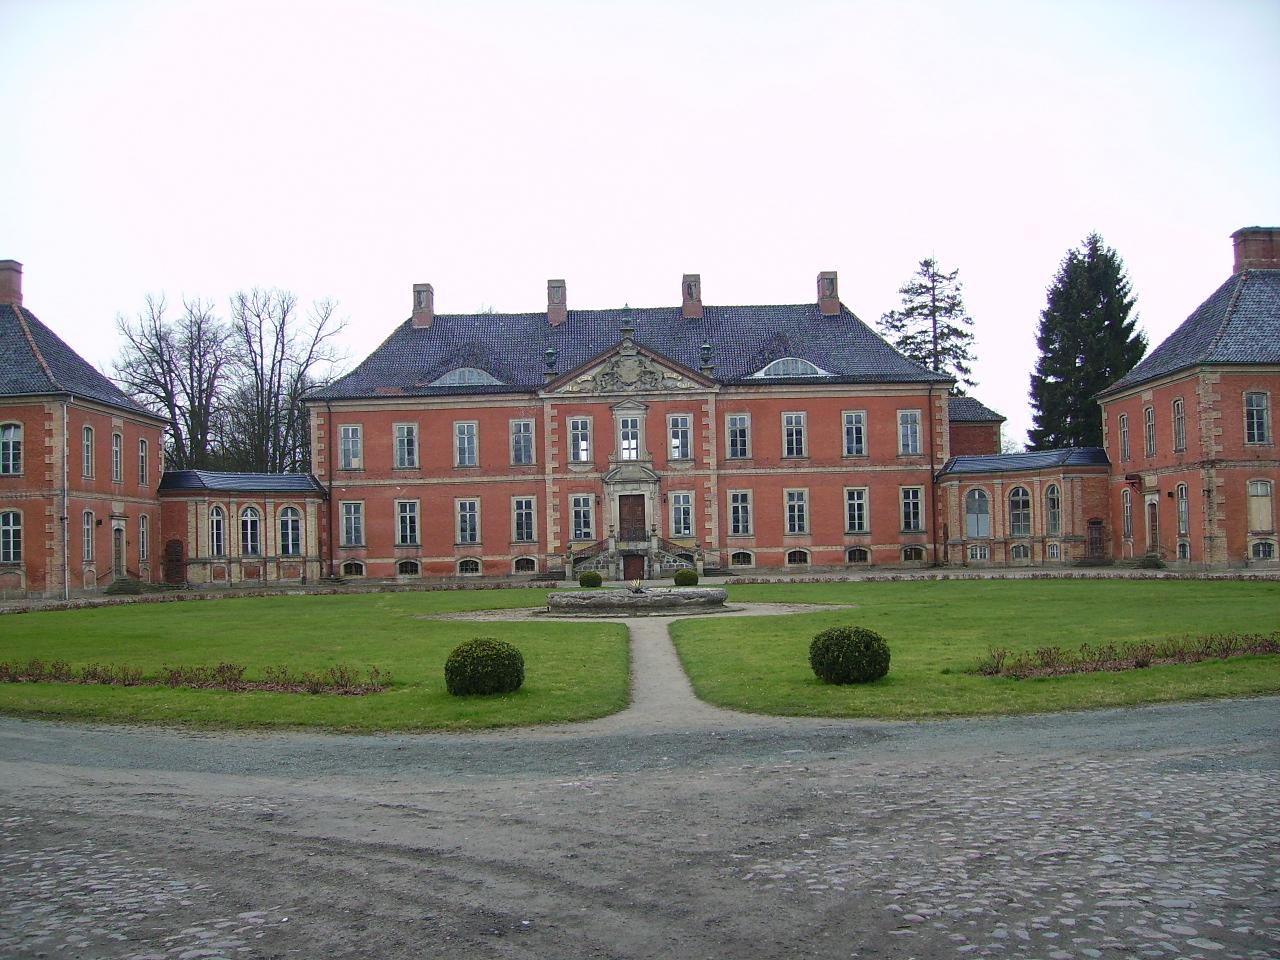 Schloß Bothmer im Klützer Winkel in Mecklenburg-Vorpommern